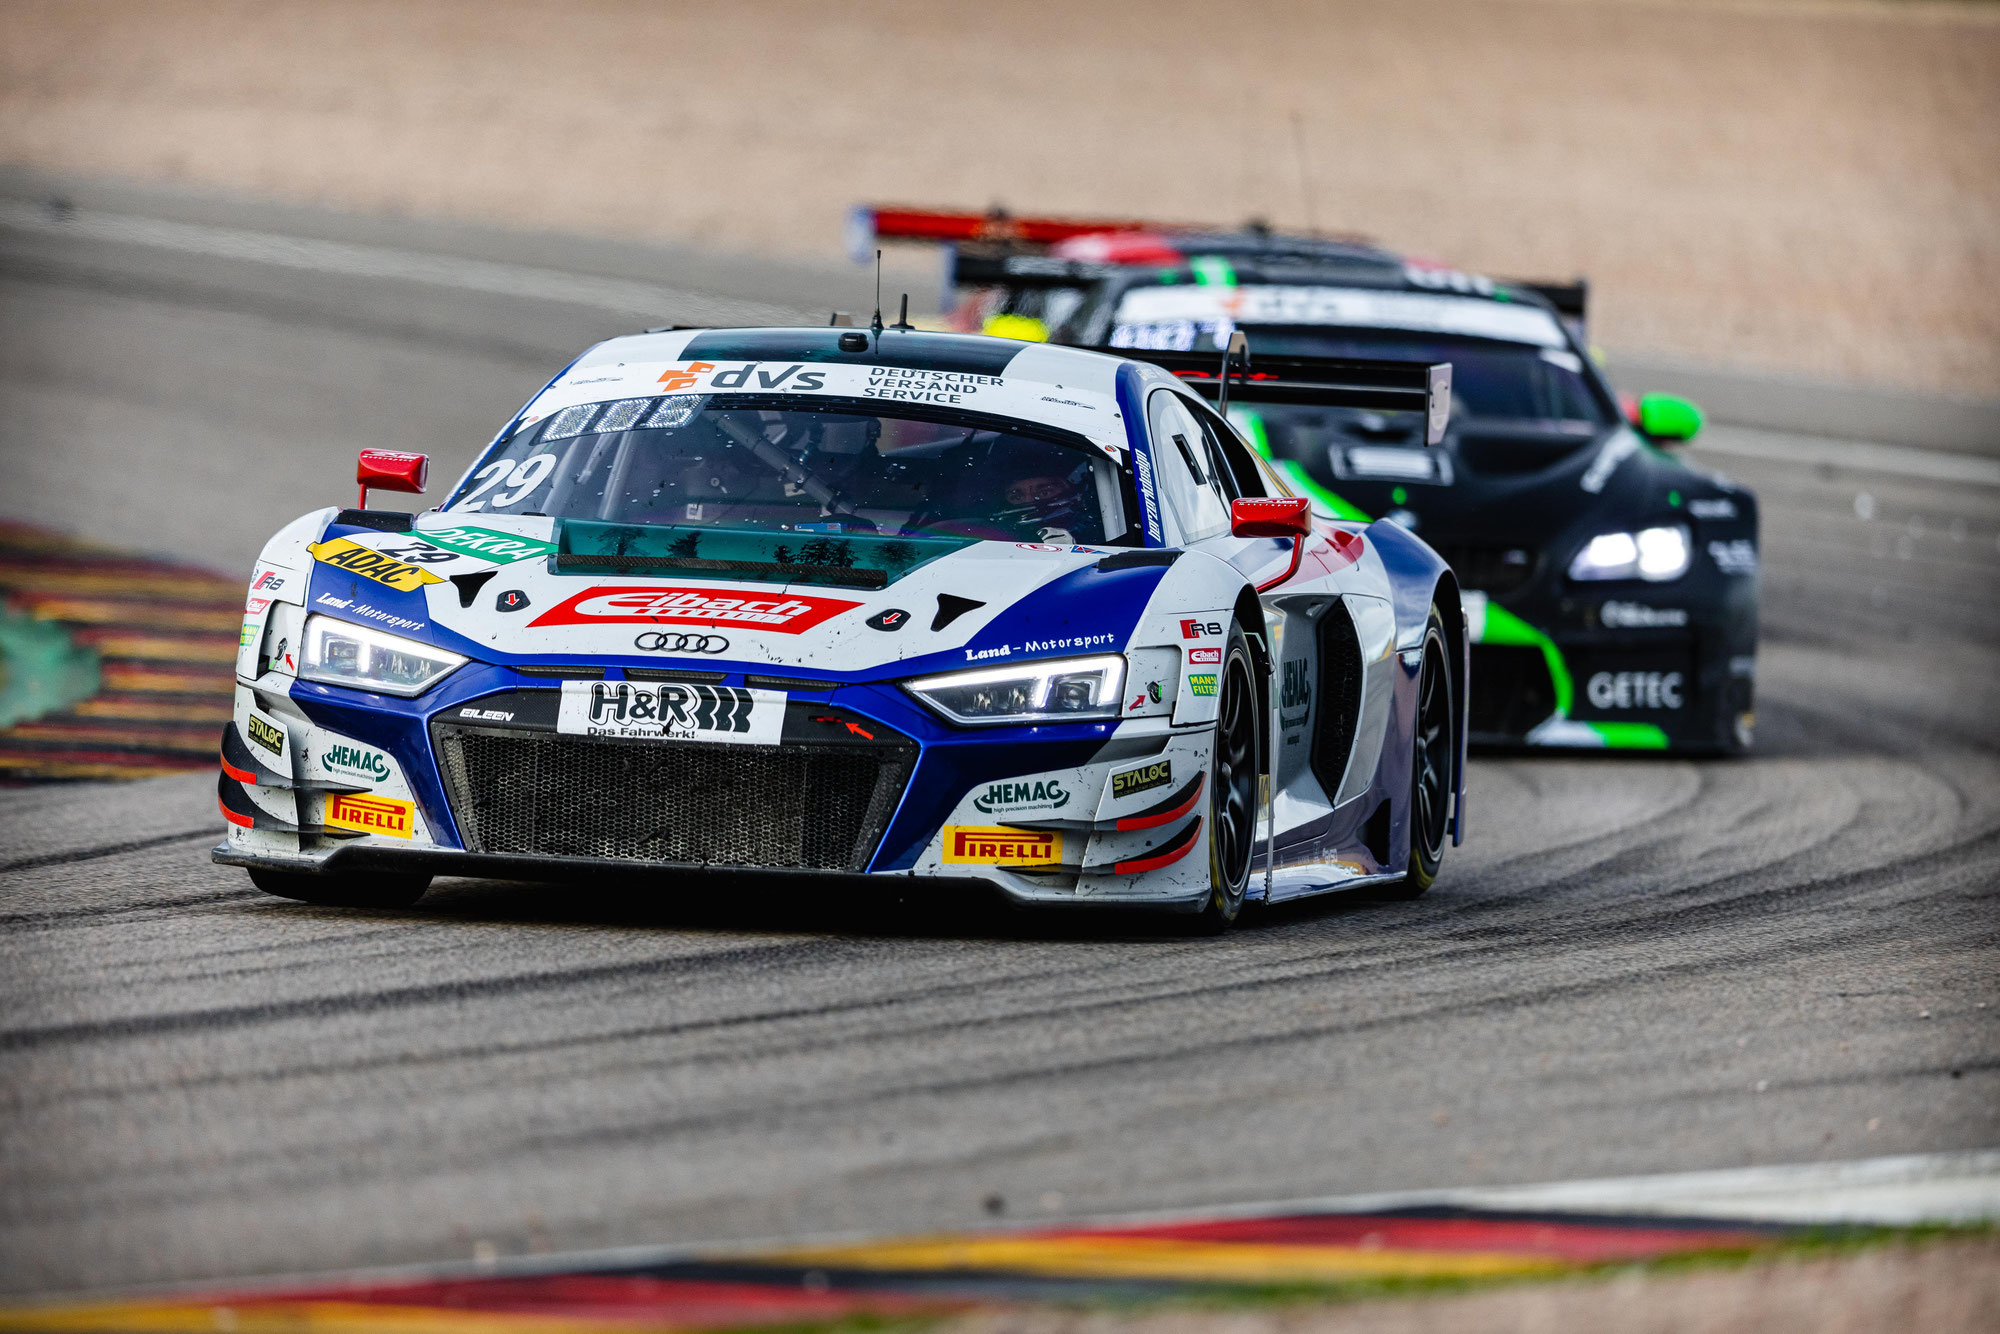 Heißer Titelkampf: Endspurt der Deutschen GT-Meisterschaft in Hockenheim